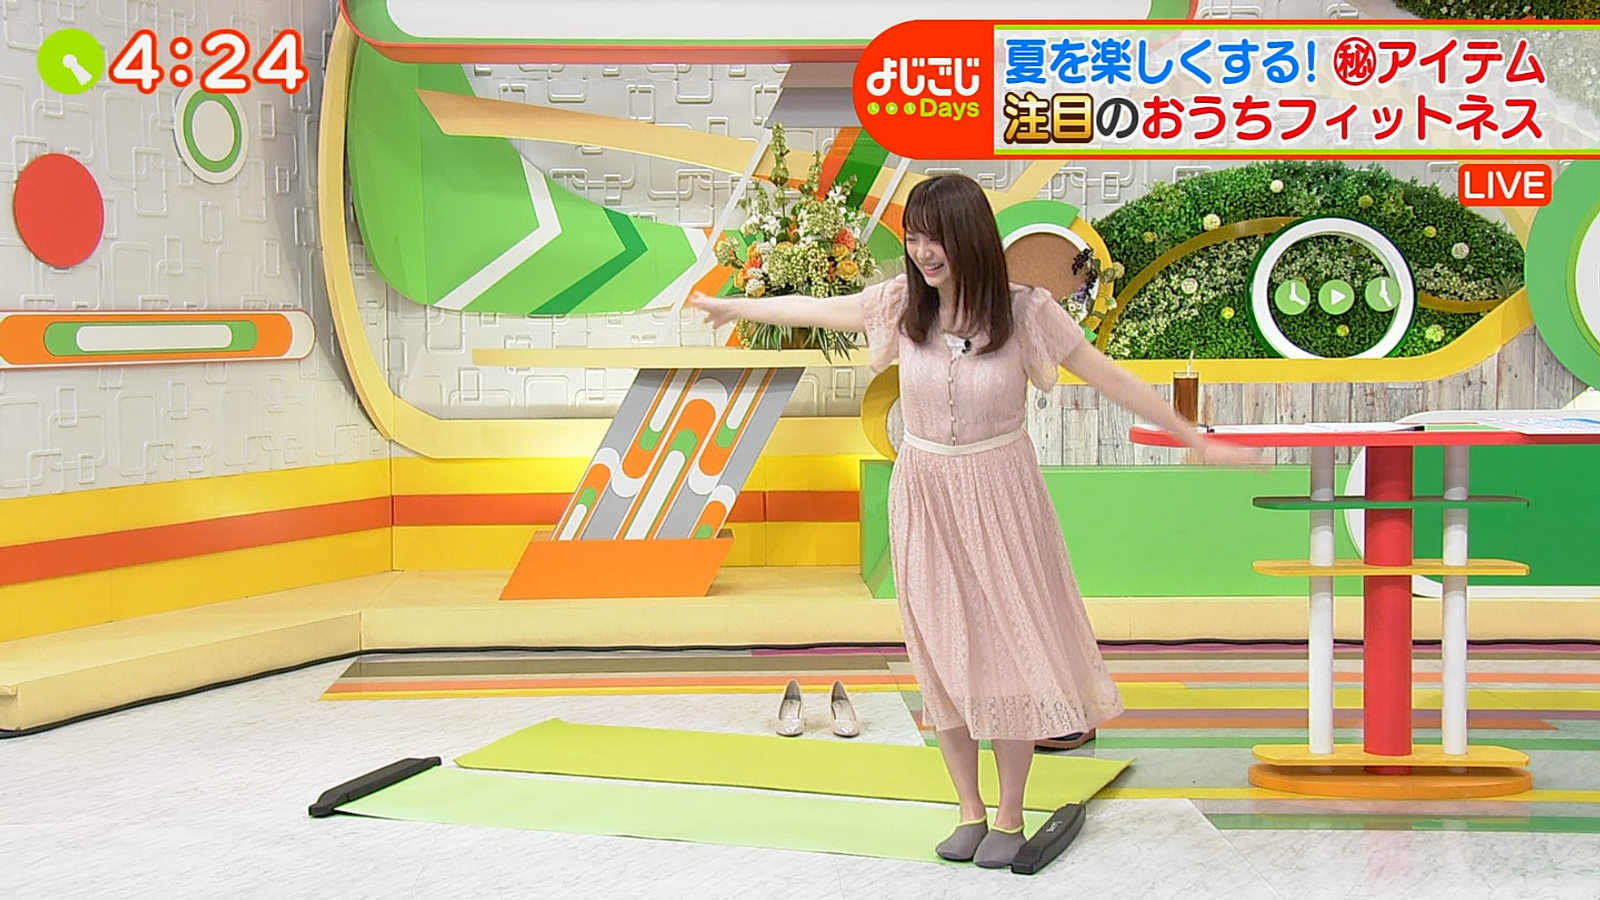 森香澄_女子アナ_おっぱい_乳揺れ_よじごじDAYS_41